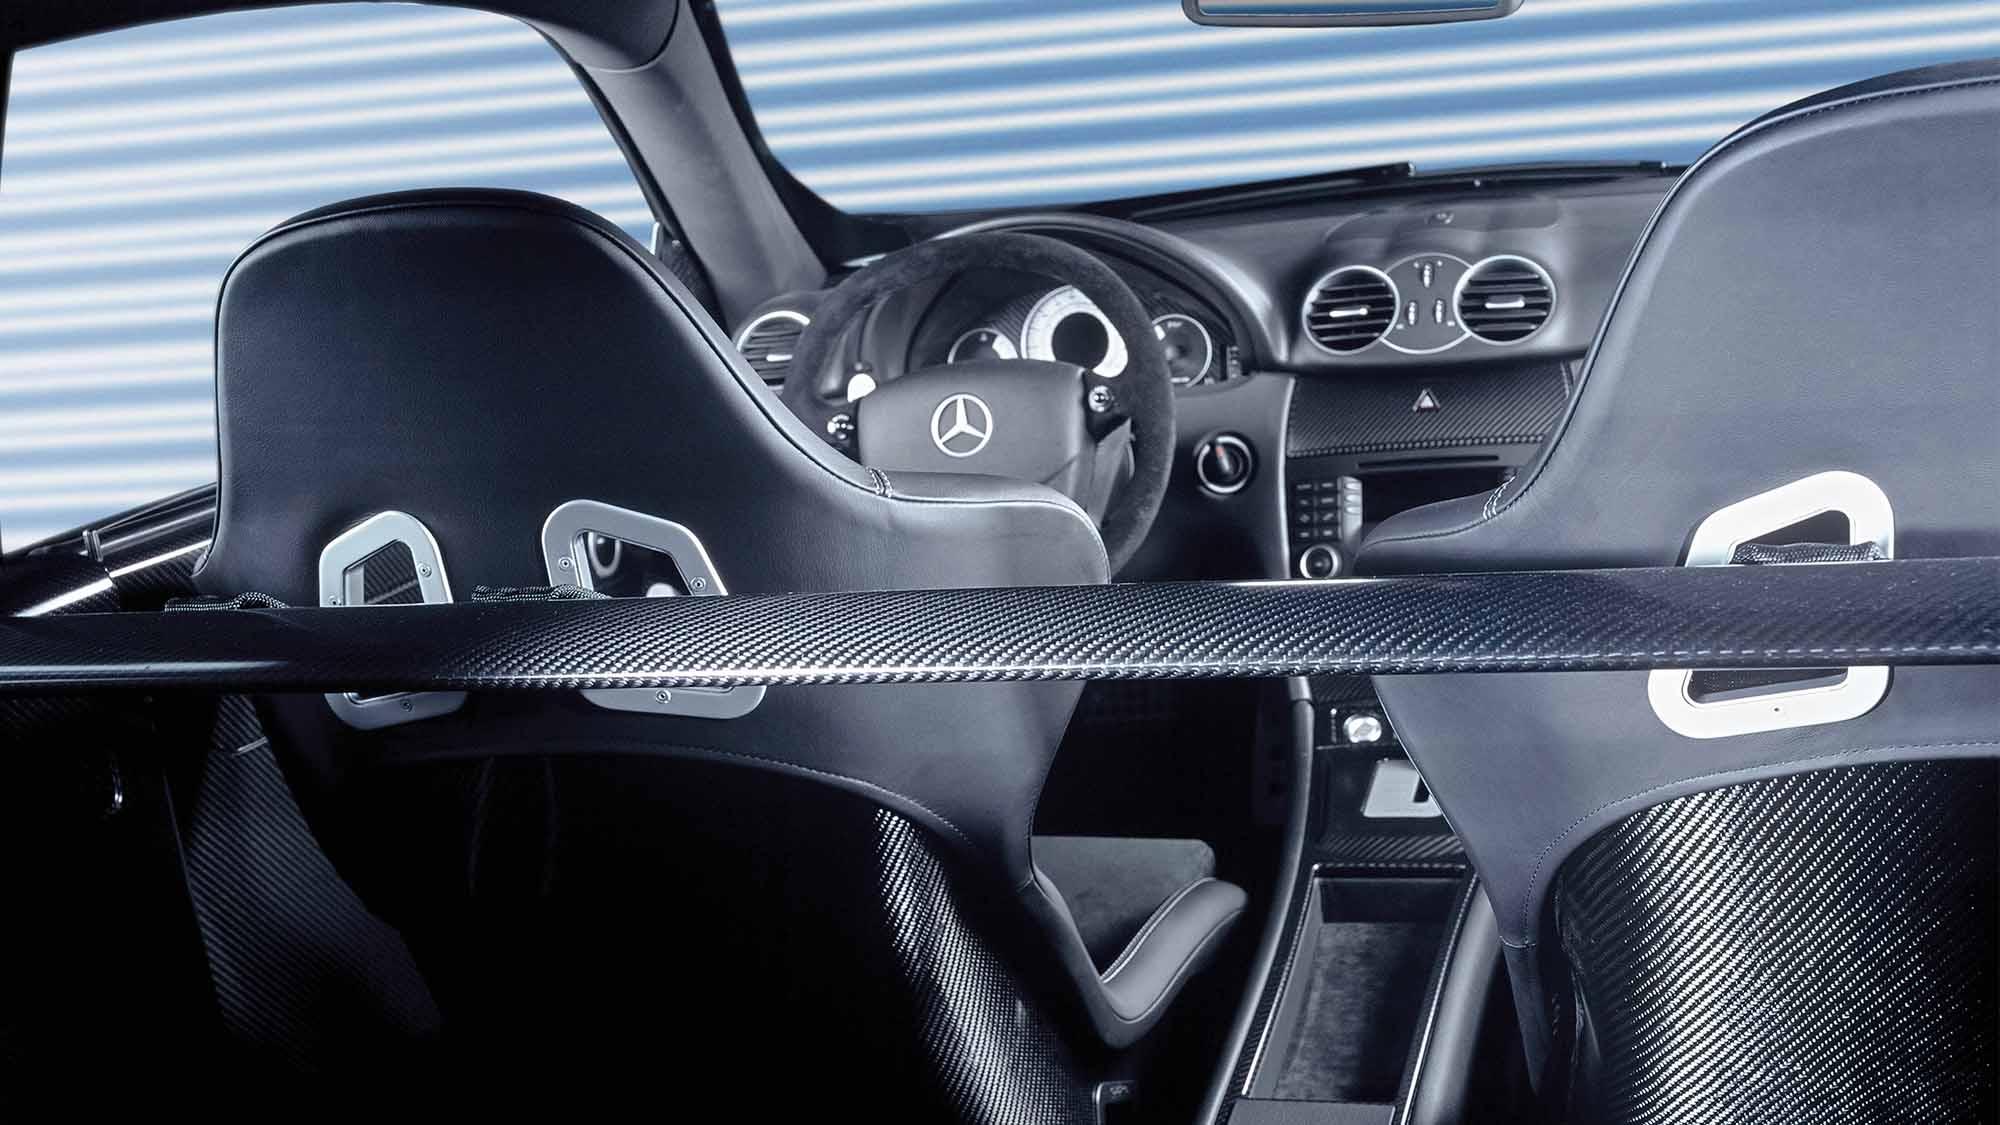 Mercedes CLK DTM AMG interior